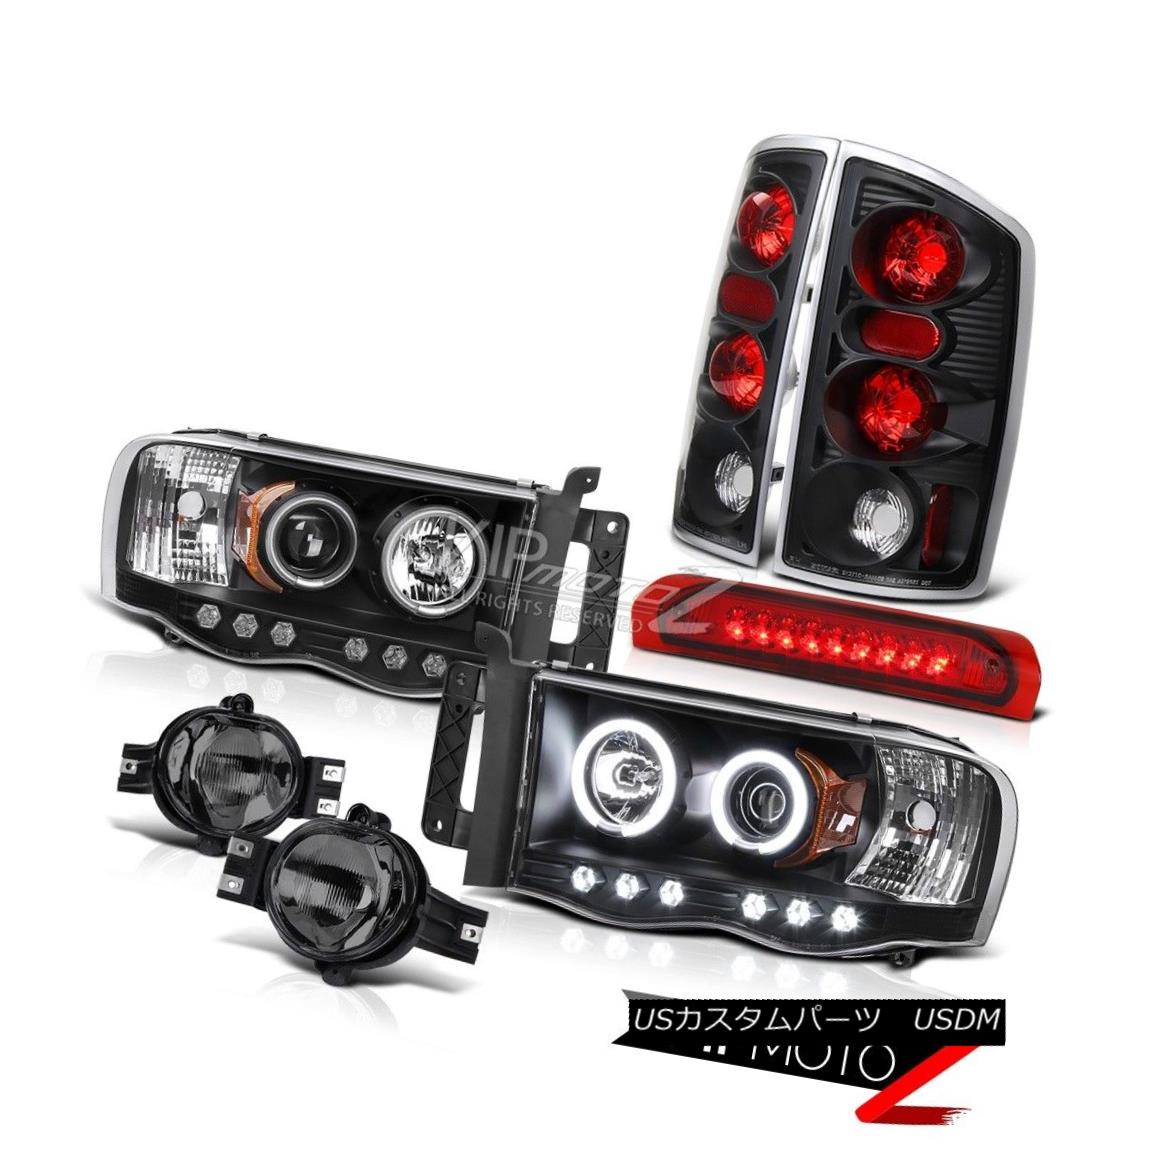 ヘッドライト CCFL Halo Headlights+LED Tail Brake+Driving Fog+LED Third Brake Lamps 02-05 Ram CCFLハローヘッドライト+ LEDテールブレーキ+ドライビングフォグ+ LED第3ブレーキランプ02-05 Ram